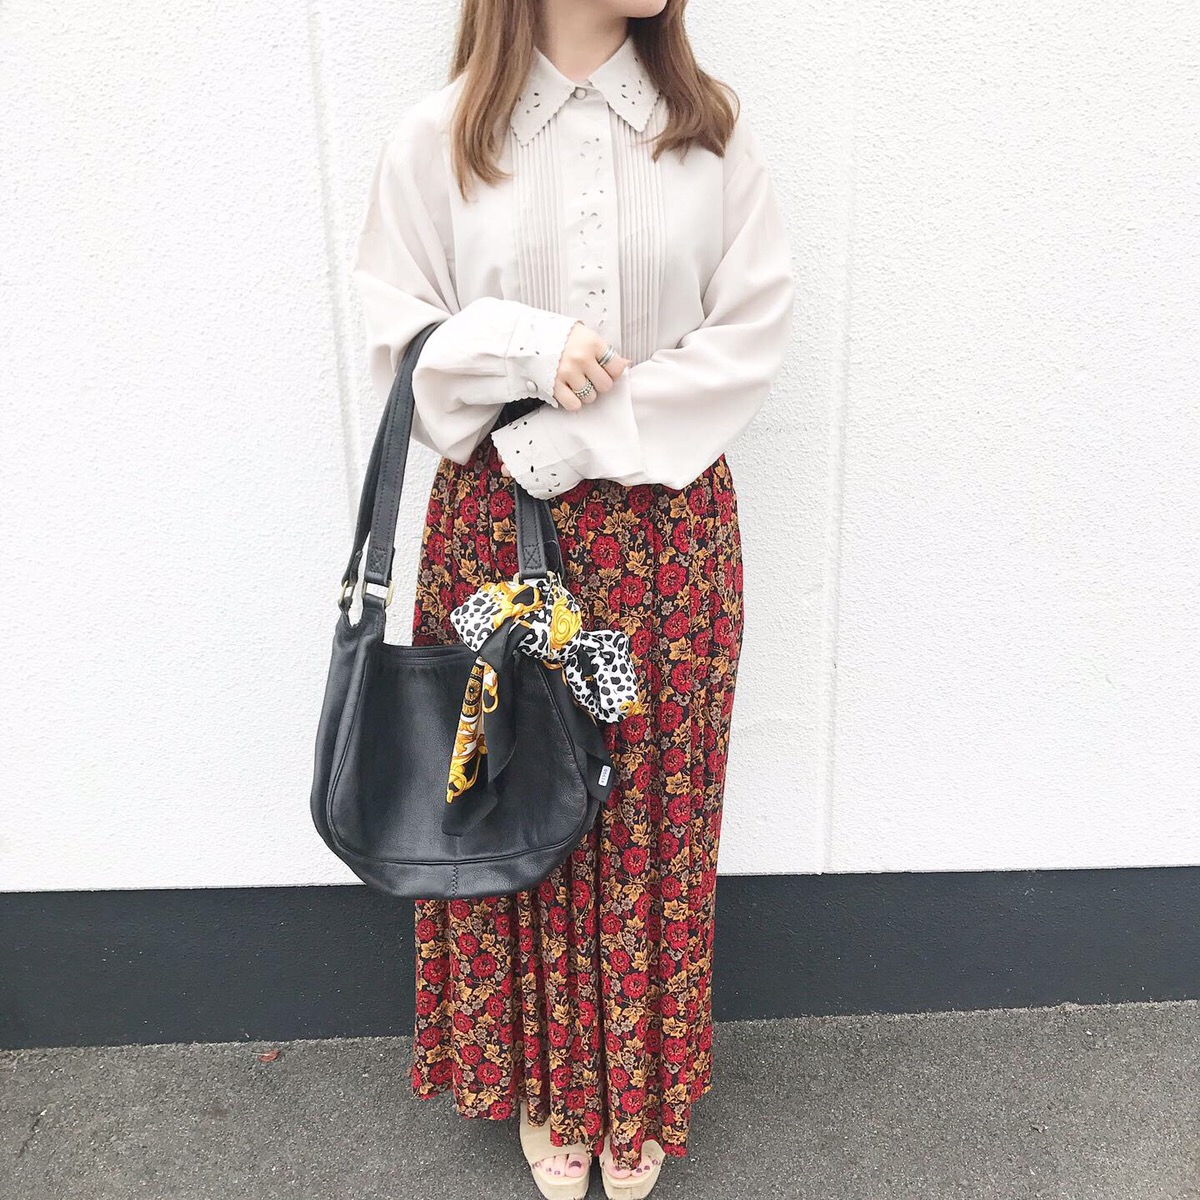 ピンタックシャツと花柄スカートで秋先取りコーデ